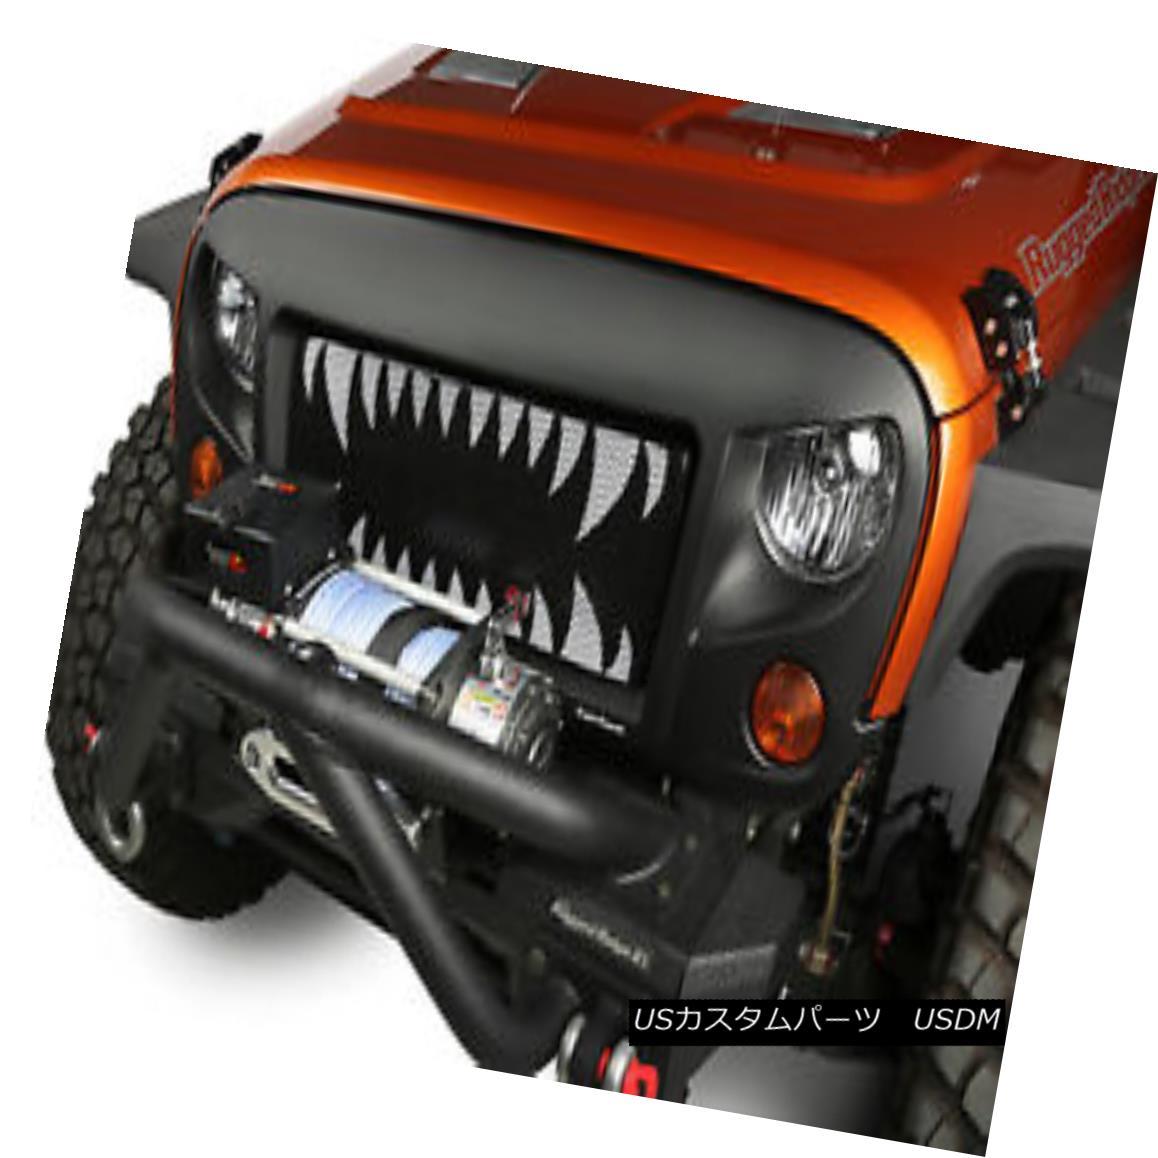 Grille Jeep 07-18 スパルタングリルキット、ランドサメ; Spartan Wrangler Land 07-18ジープラングラーJK Kit, JK グリル Shark;